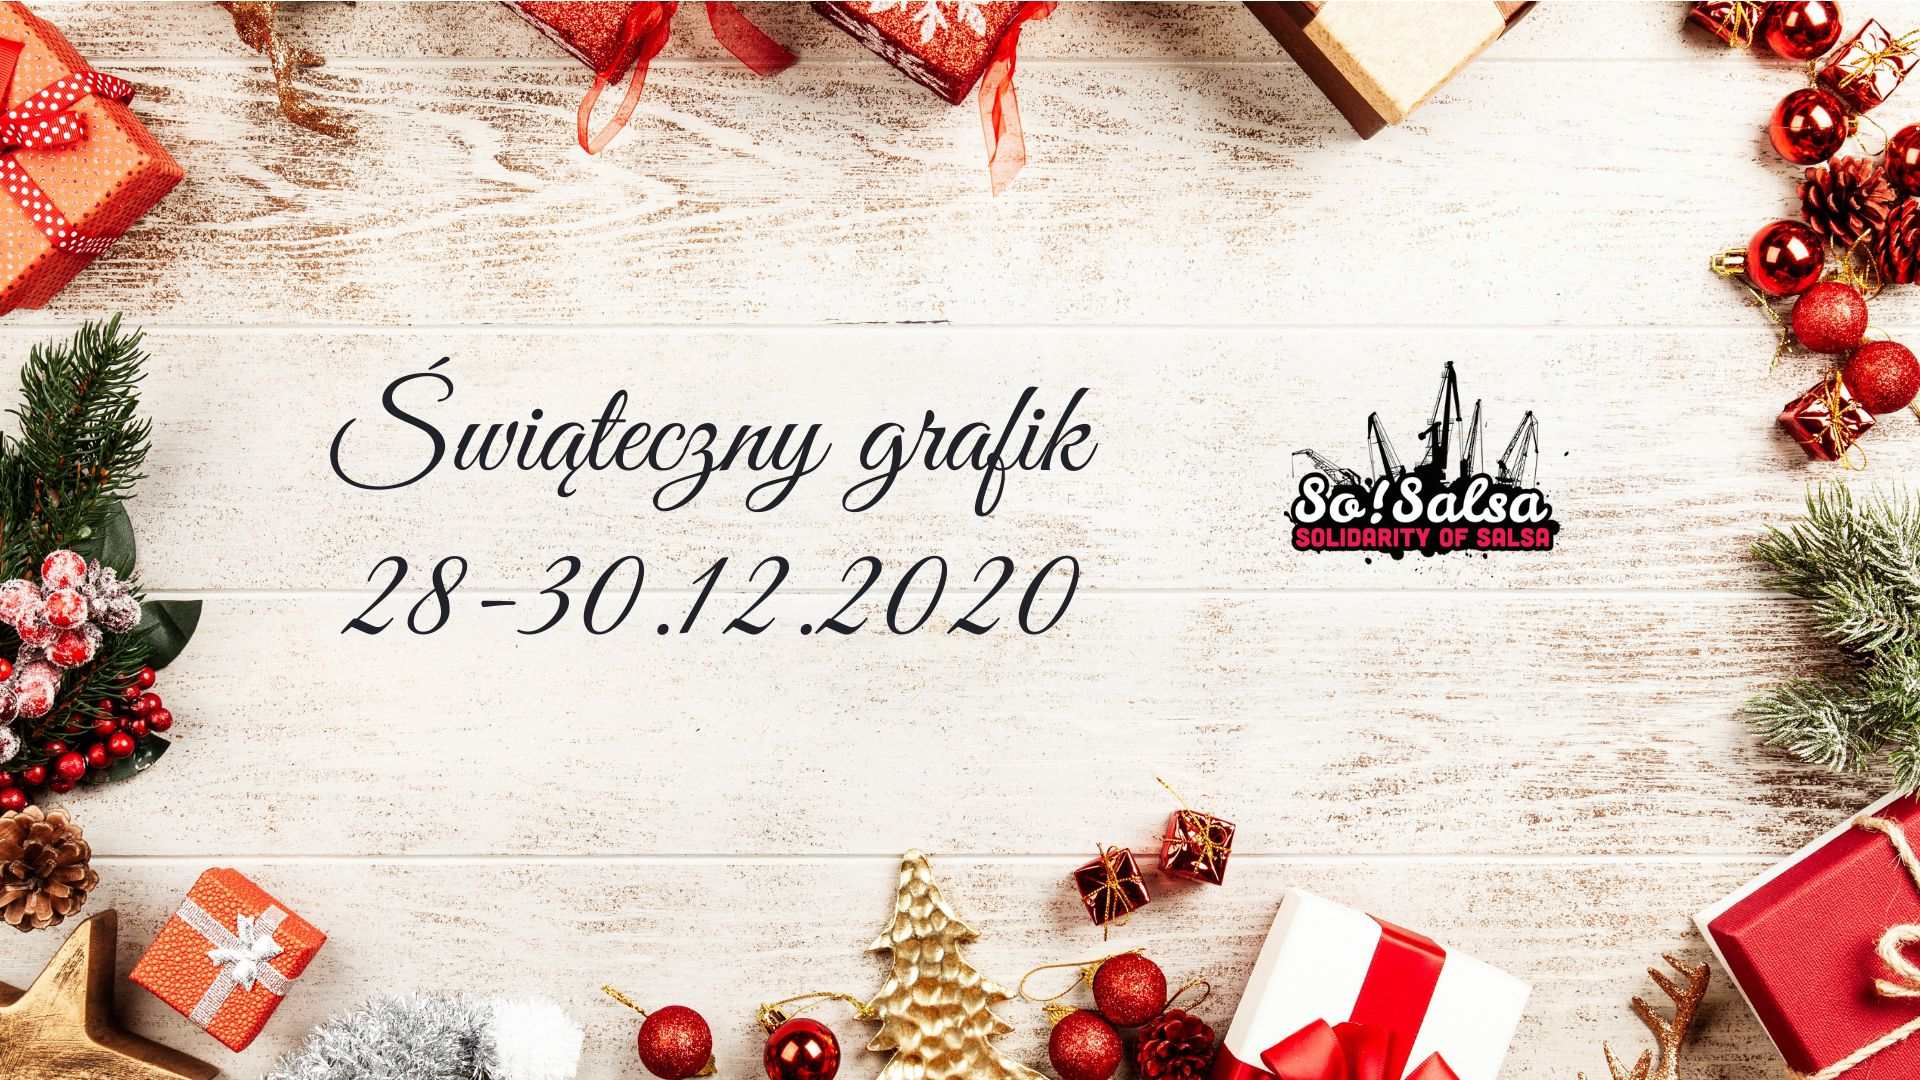 Specjalny grafik świąteczny 28, 29 i 30 grudnia